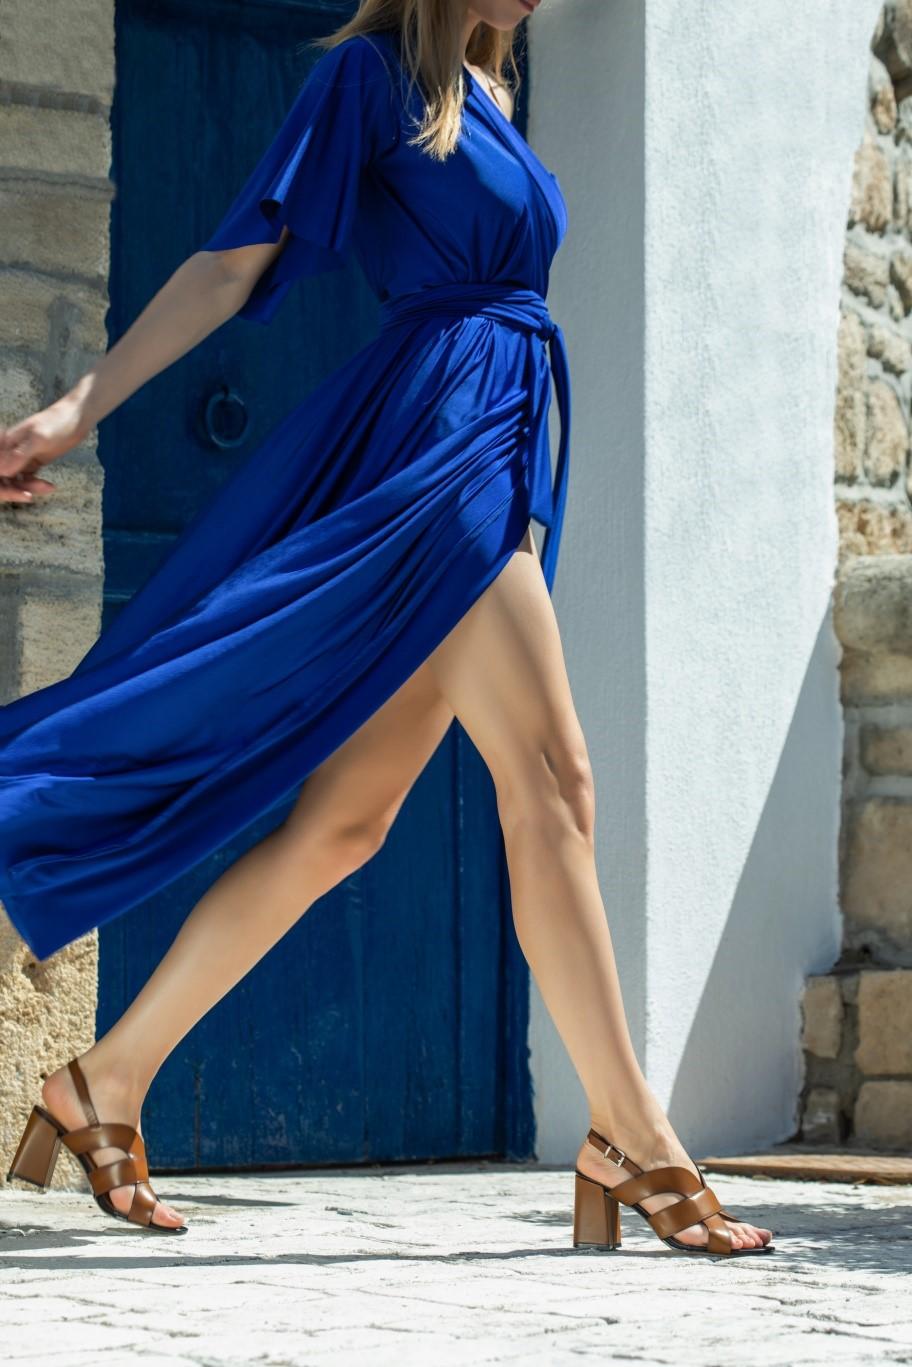 Παπούτσια που «ντύνουν» με απόλυτη άνεση και στυλ τις καλοκαιρινές μας εμφανίσεις!